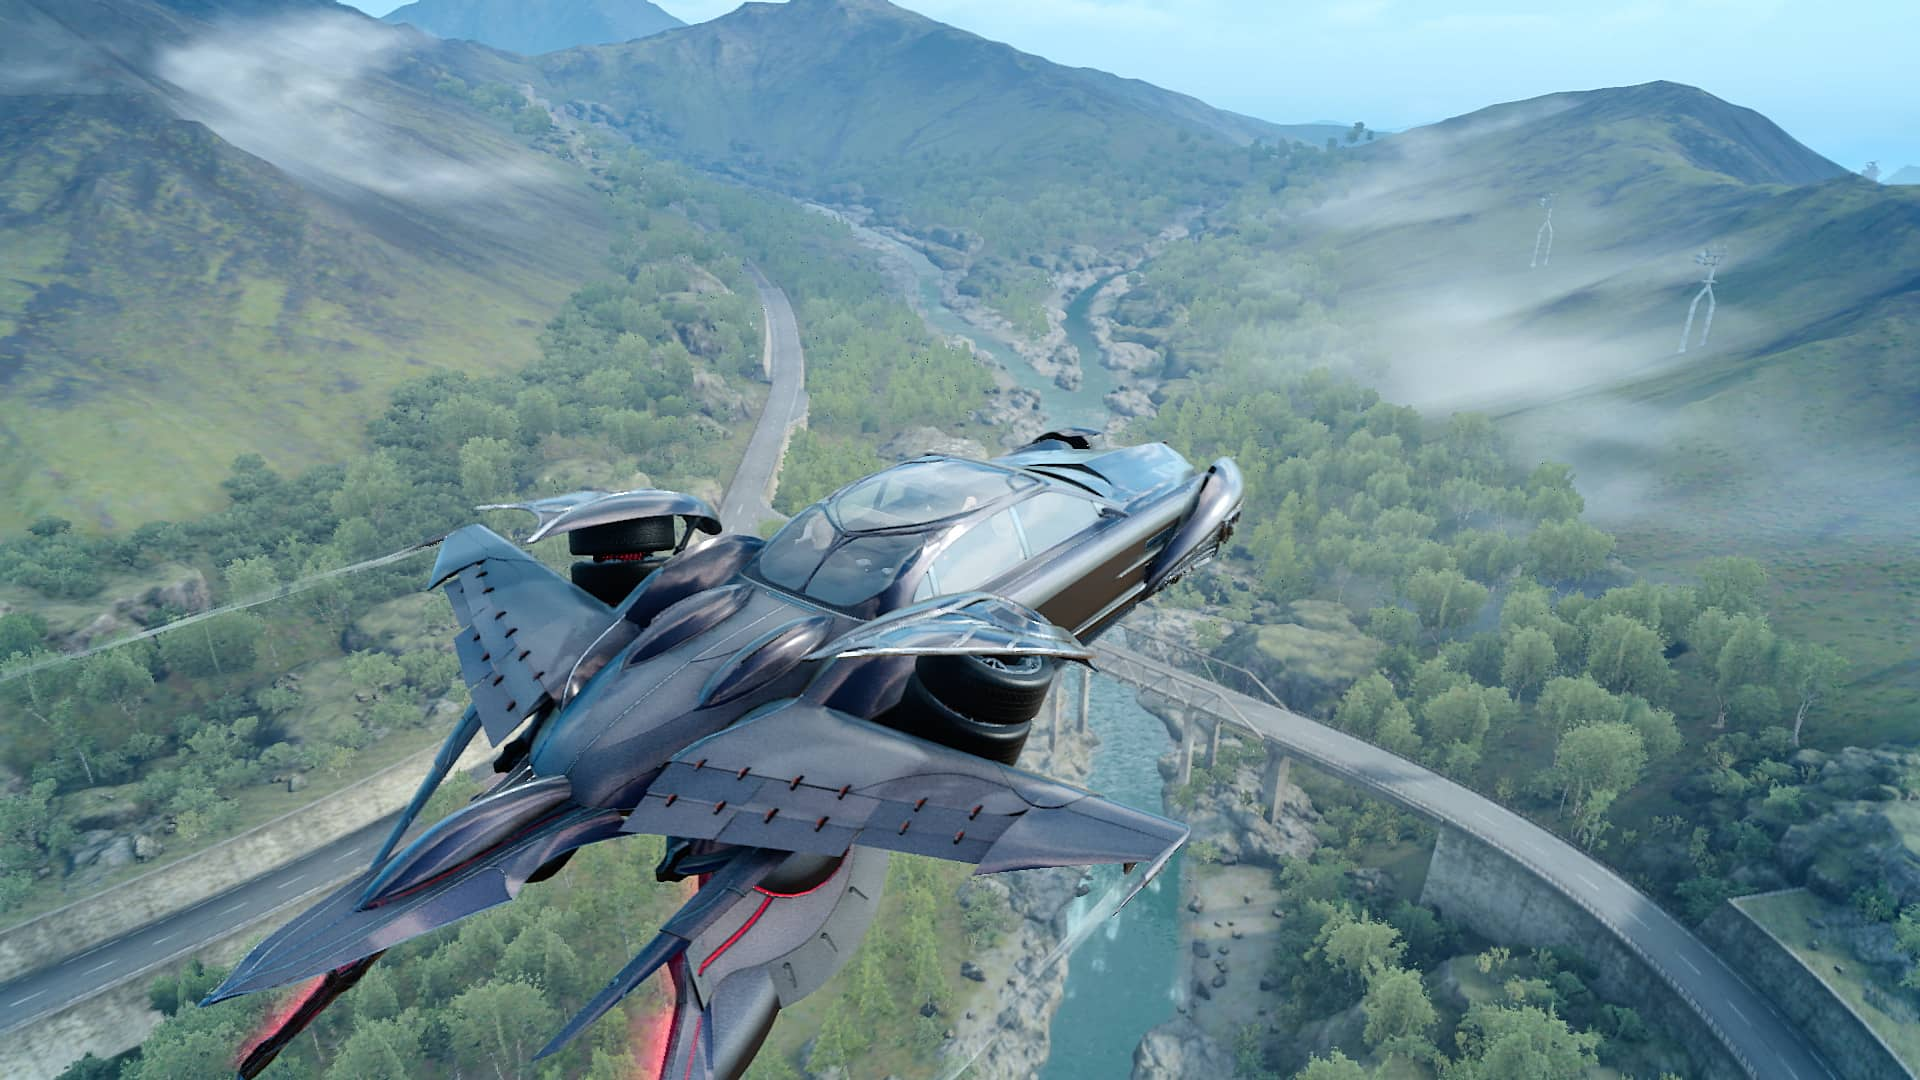 El director de Final Fantasy XV está trabajando en un proyecto para ofrecer viajes virtuales